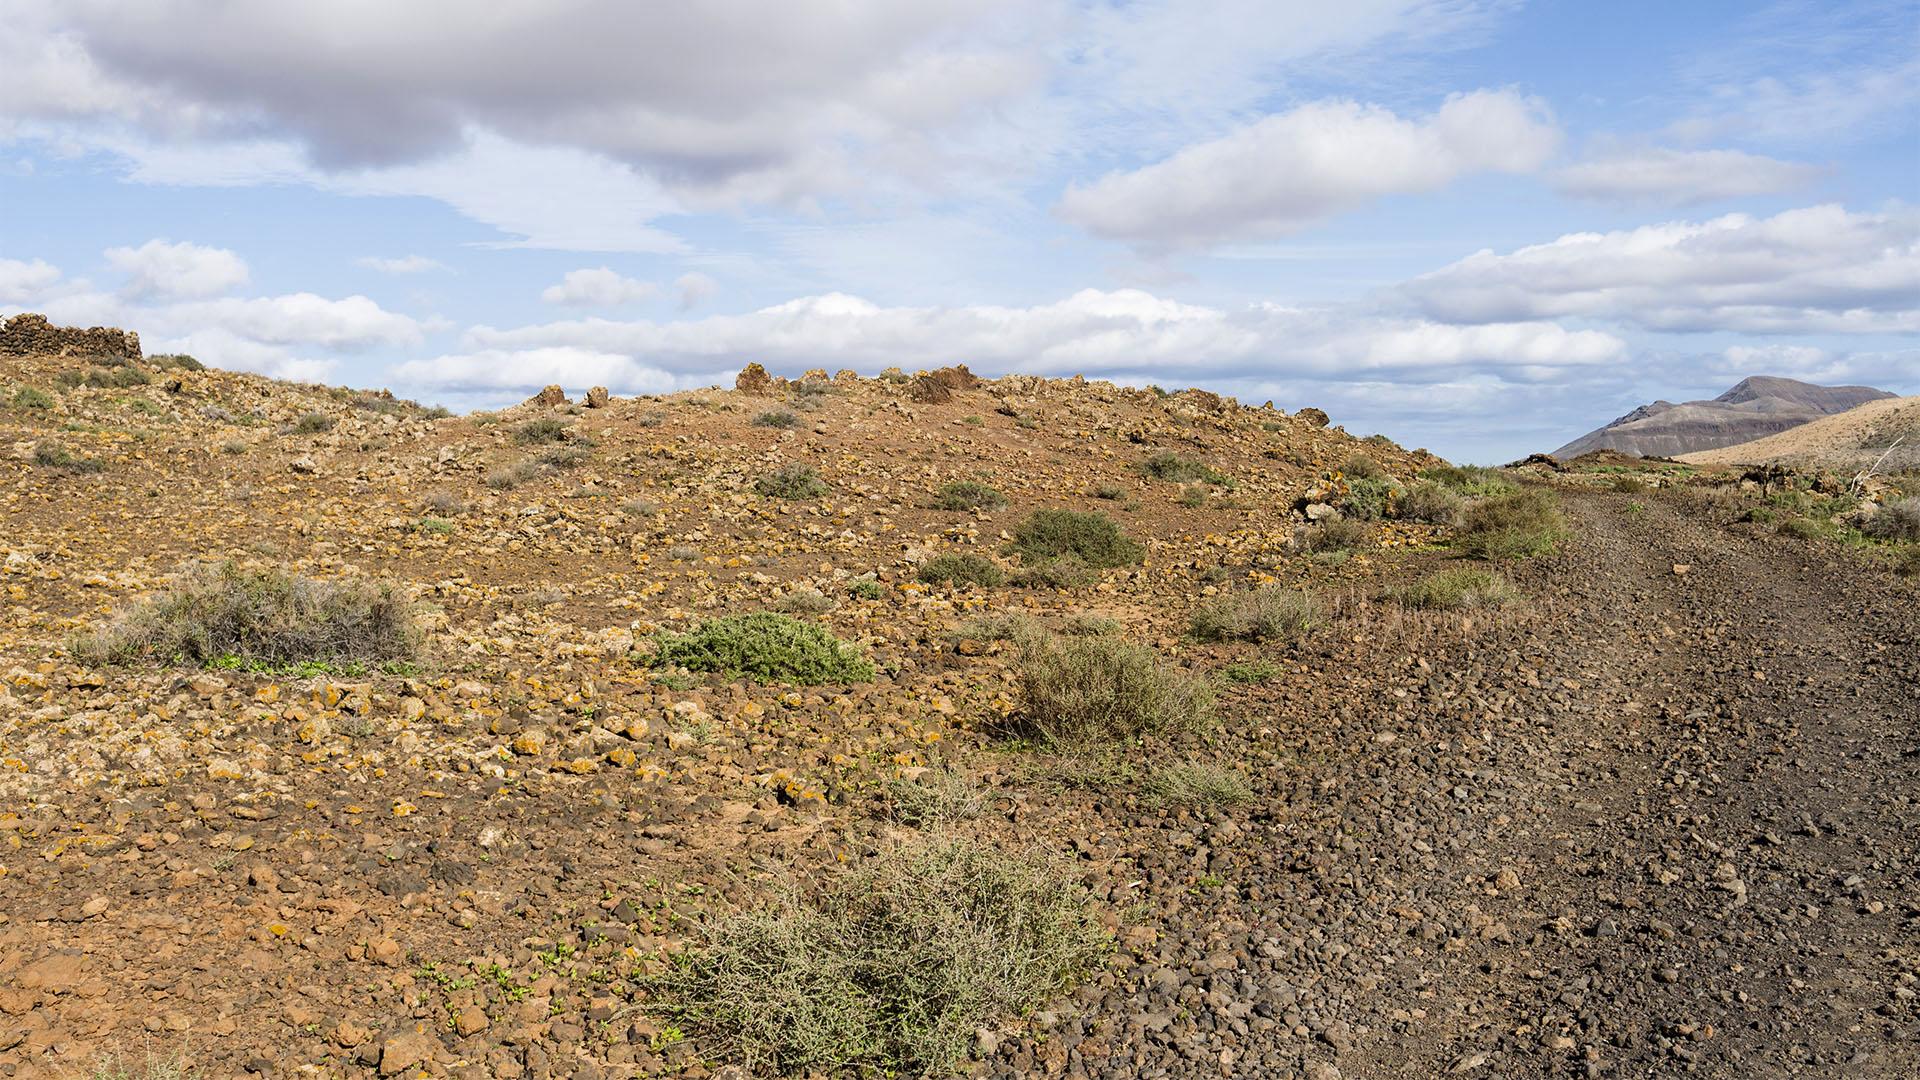 Sehenswürdigkeiten Fuerteventuras: Tiscamanita – Caldera de Gairía